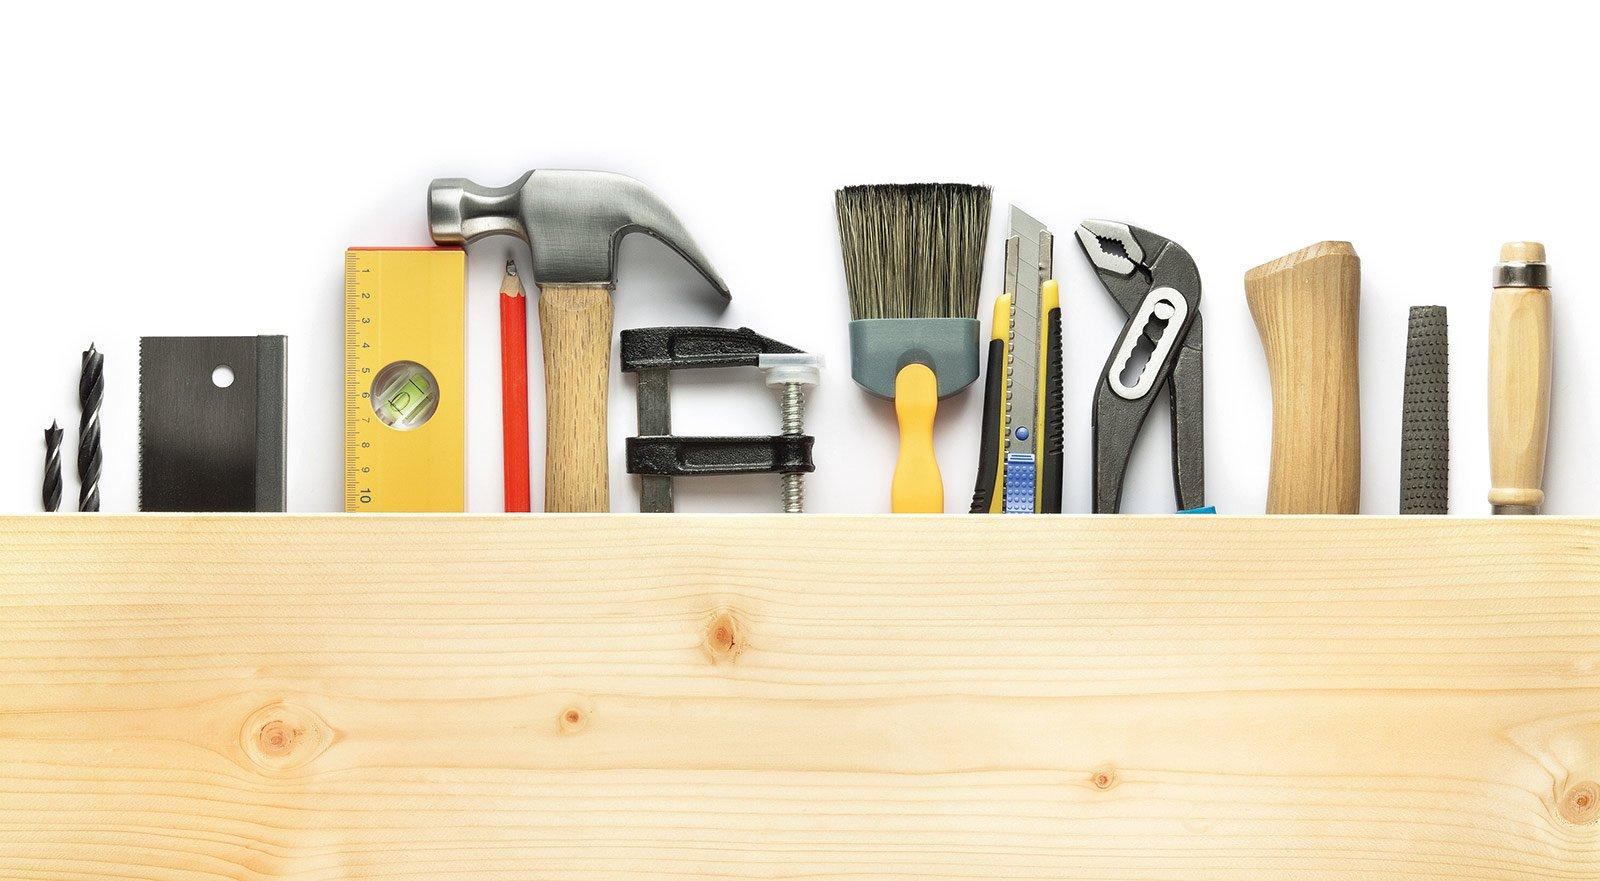 Come praticare fori nelle pareti   cose di casa